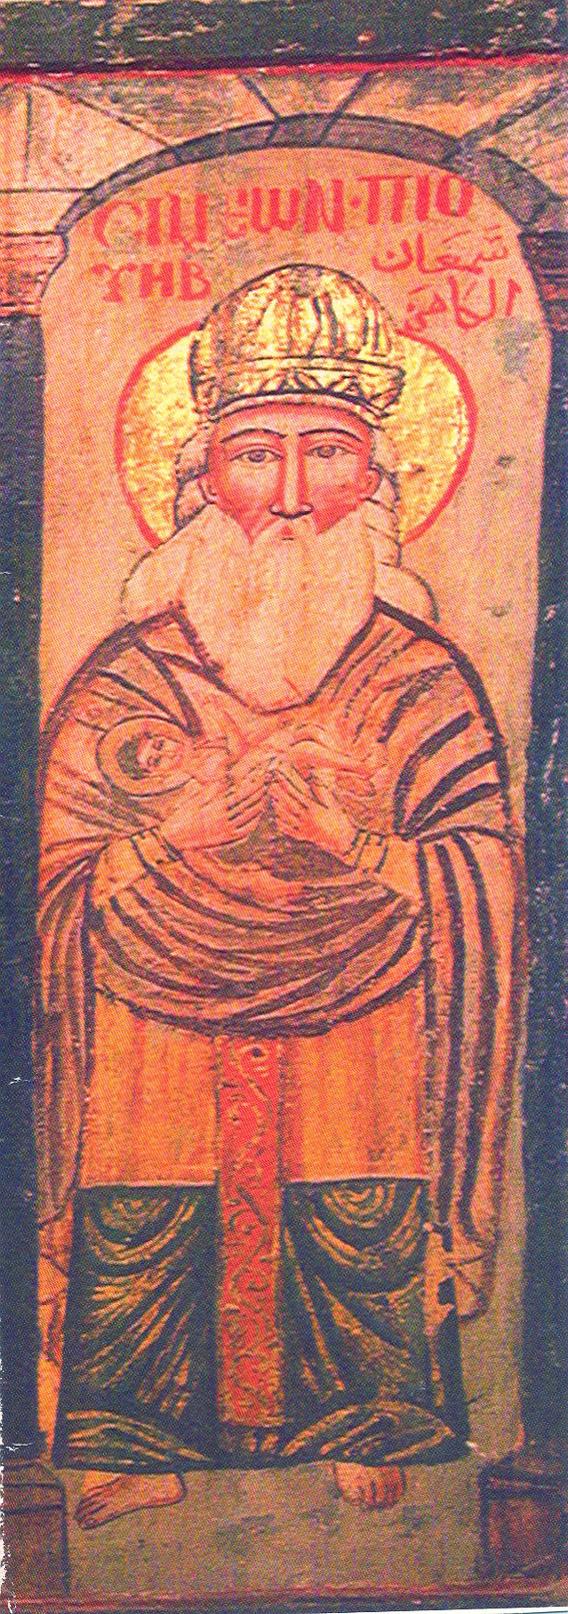 الكاهن الشيخ الذي حمل المسيح الطفل علي ذراعيه